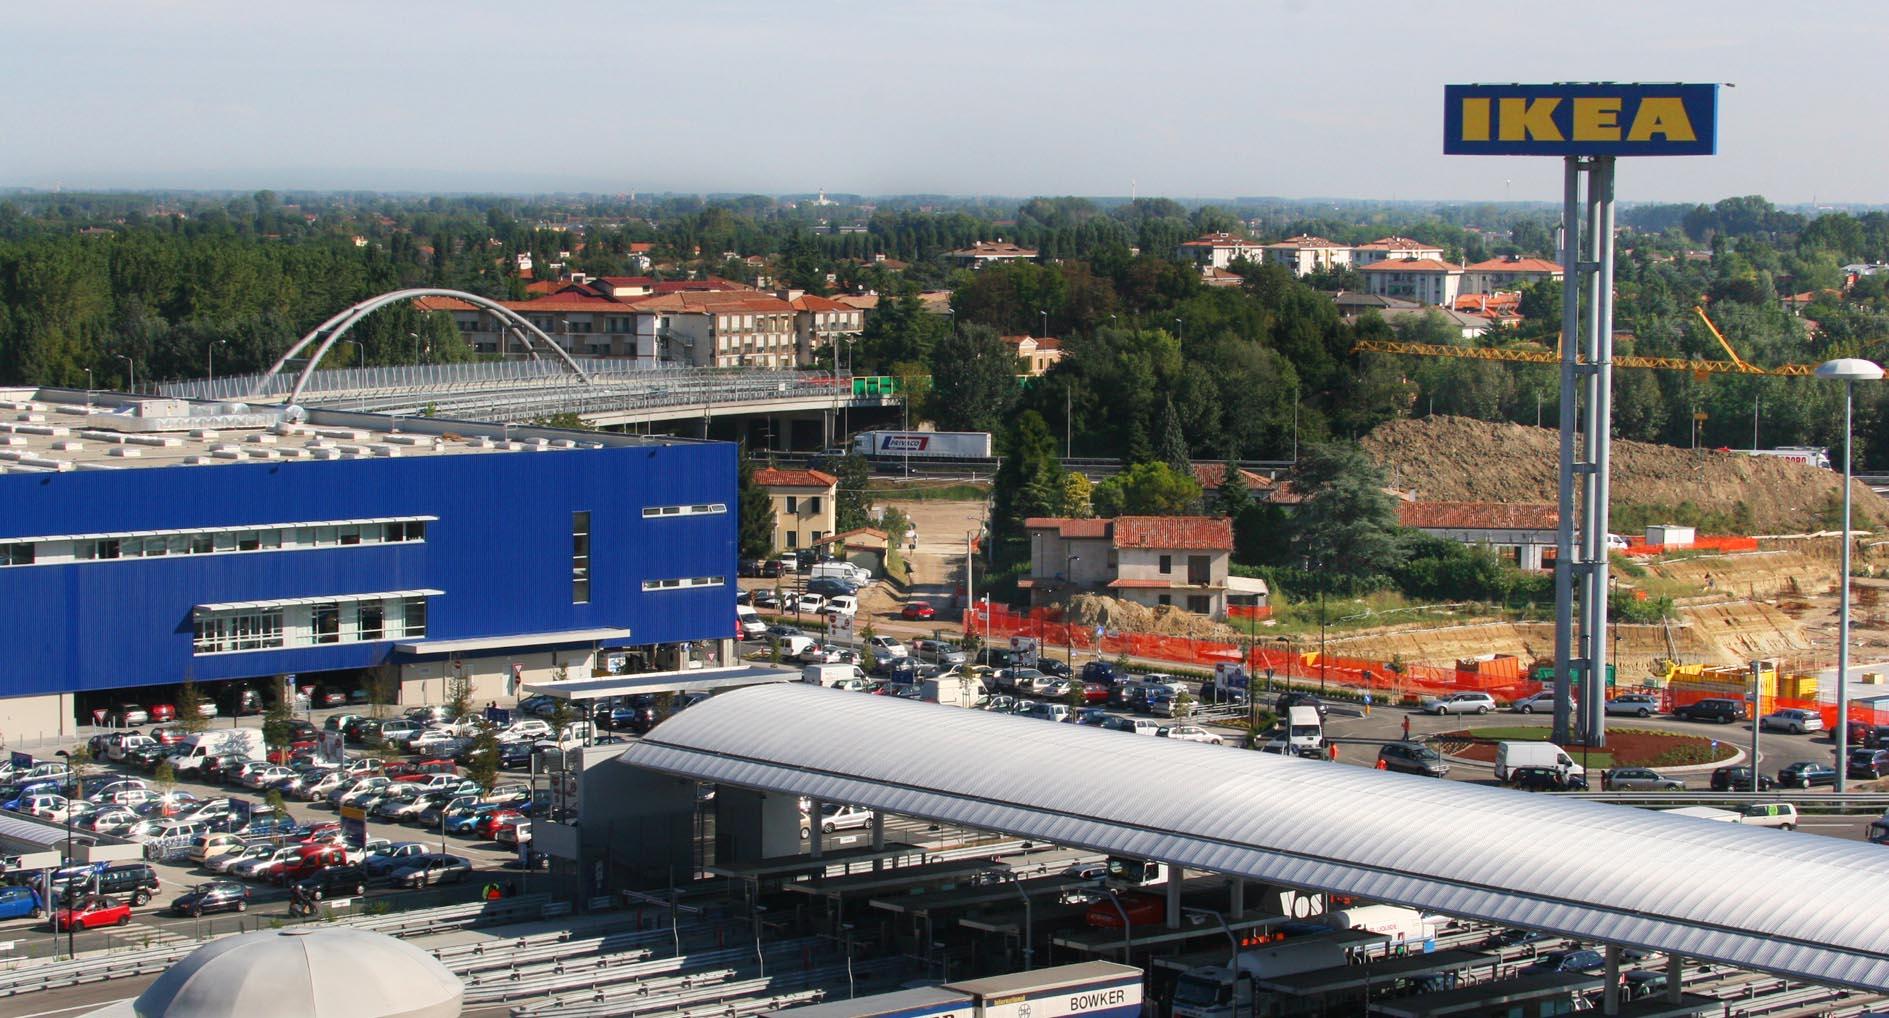 Padova la denuncia di una madre di treviso nostro figlio autistico discriminato da ikea - Ikea padova tappeti ...